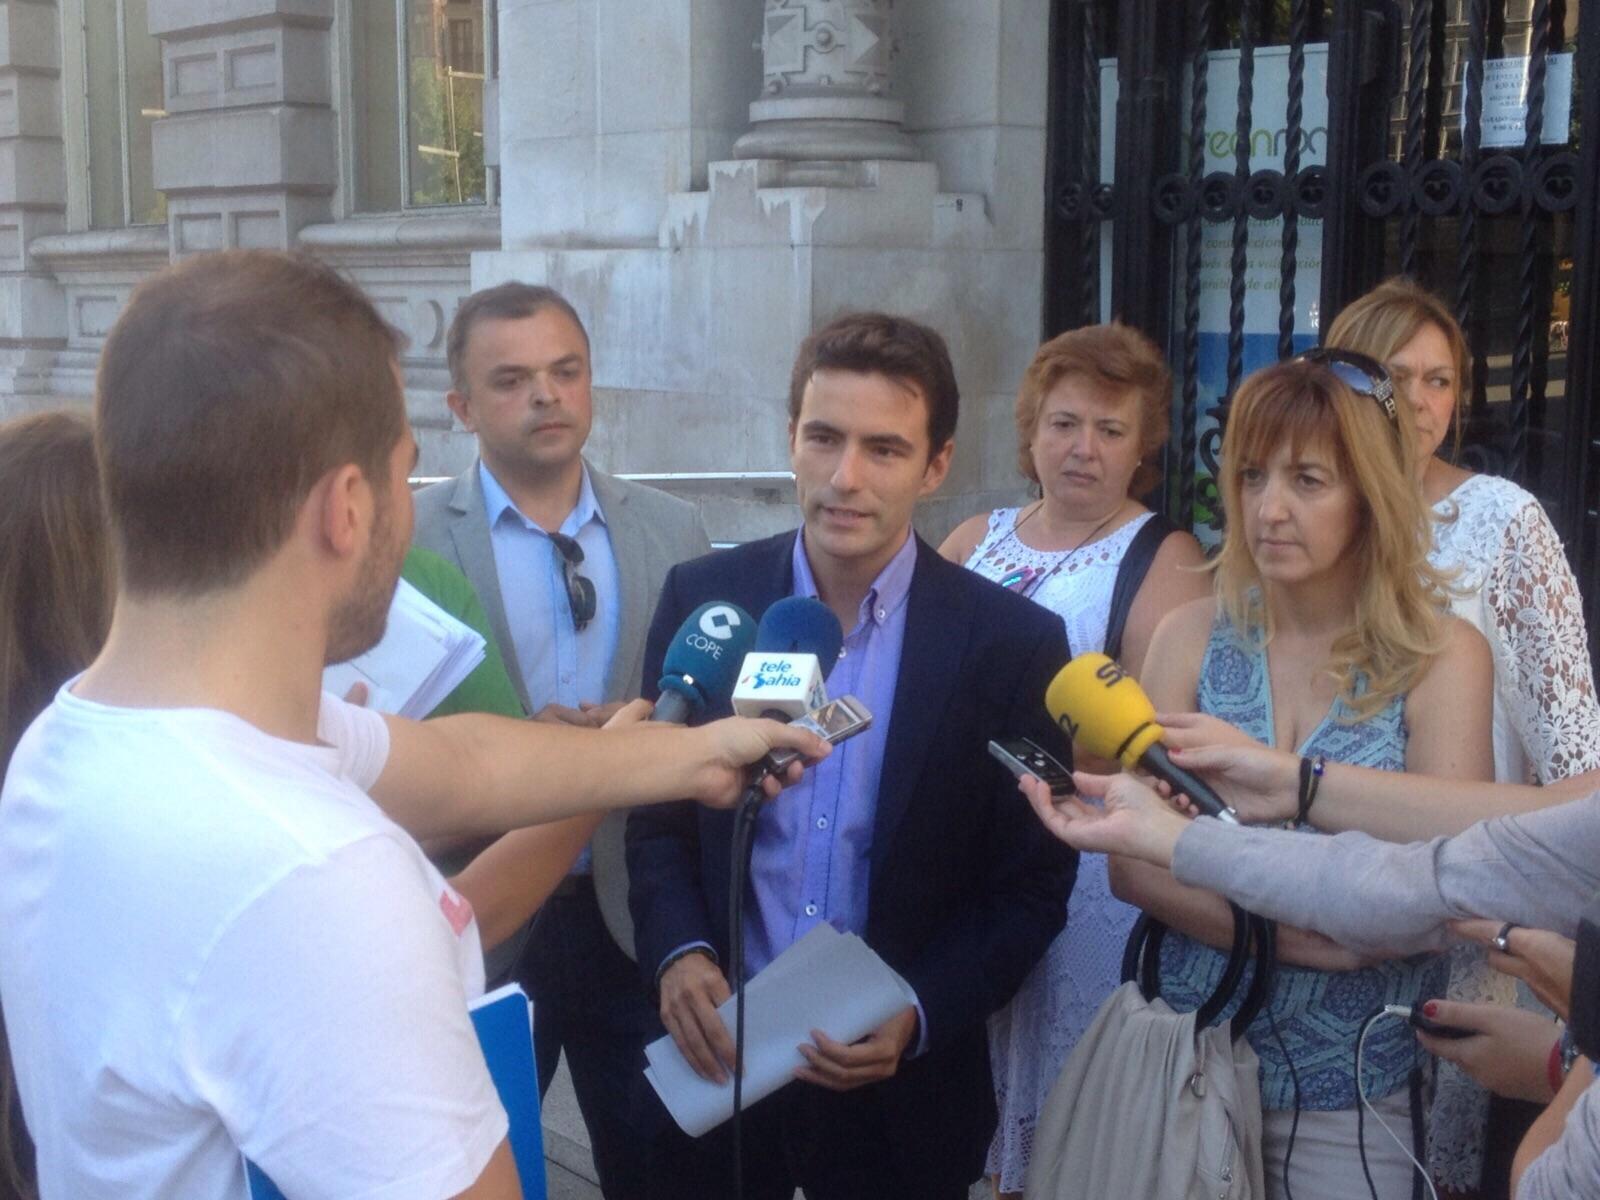 Pedro Caseres, ante la puerta del Ayuntamiento de Santander, atendiendo a los medios de comunicación